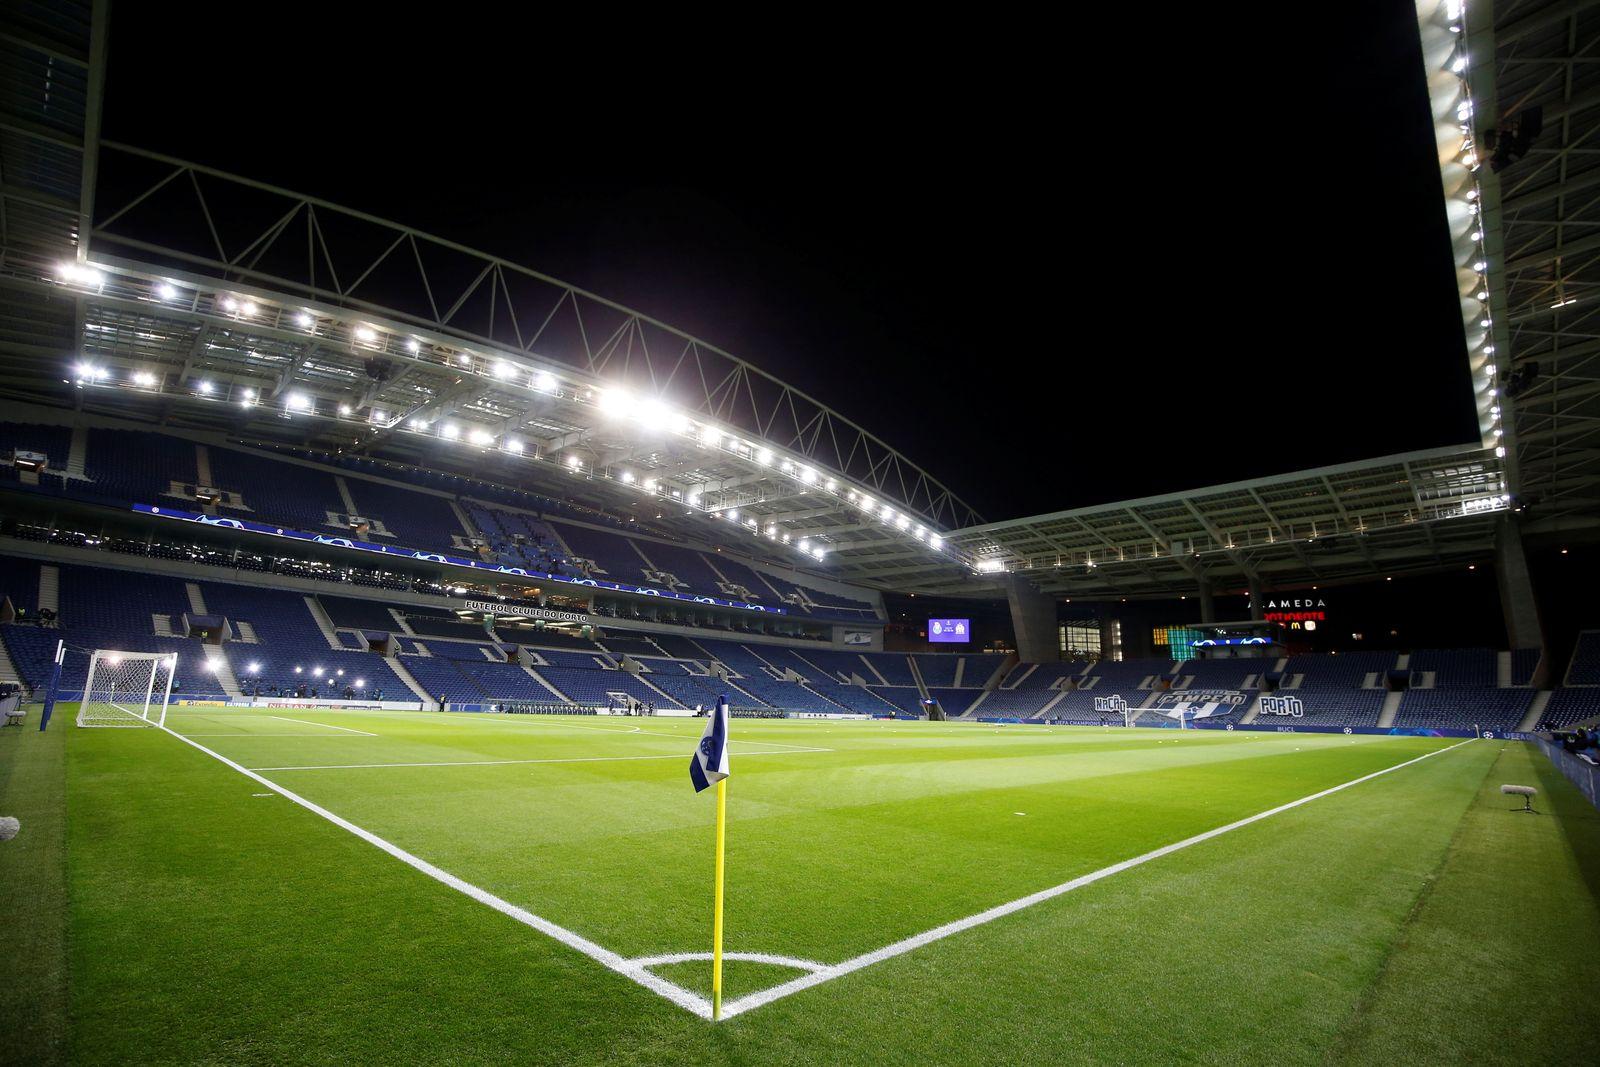 FILE PHOTO: Champions League - Group C - FC Porto v Olympique de Marseille